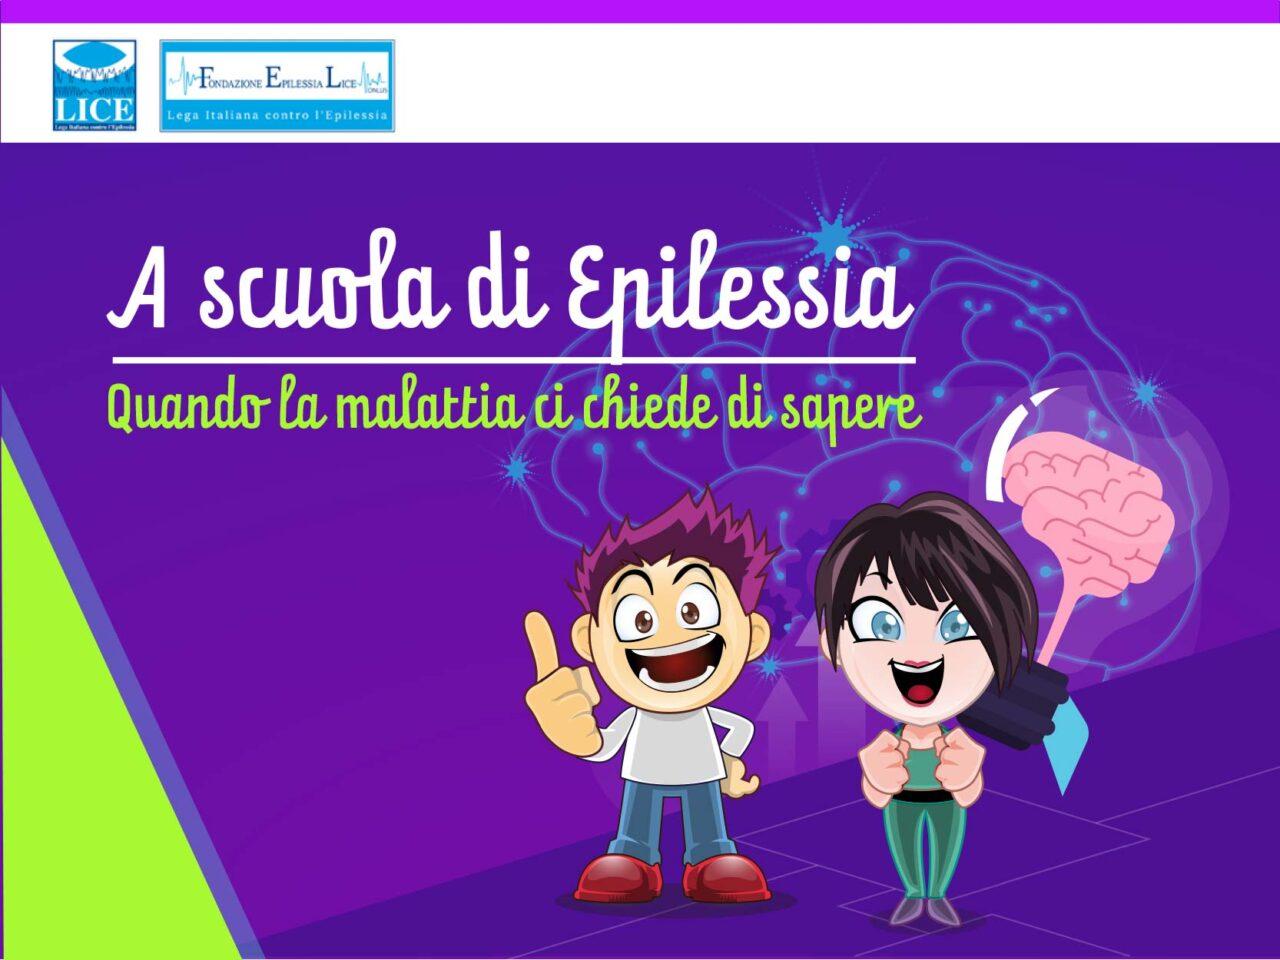 Epilessia: LICE lancia la prima campagna educativa digitale nelle scuole